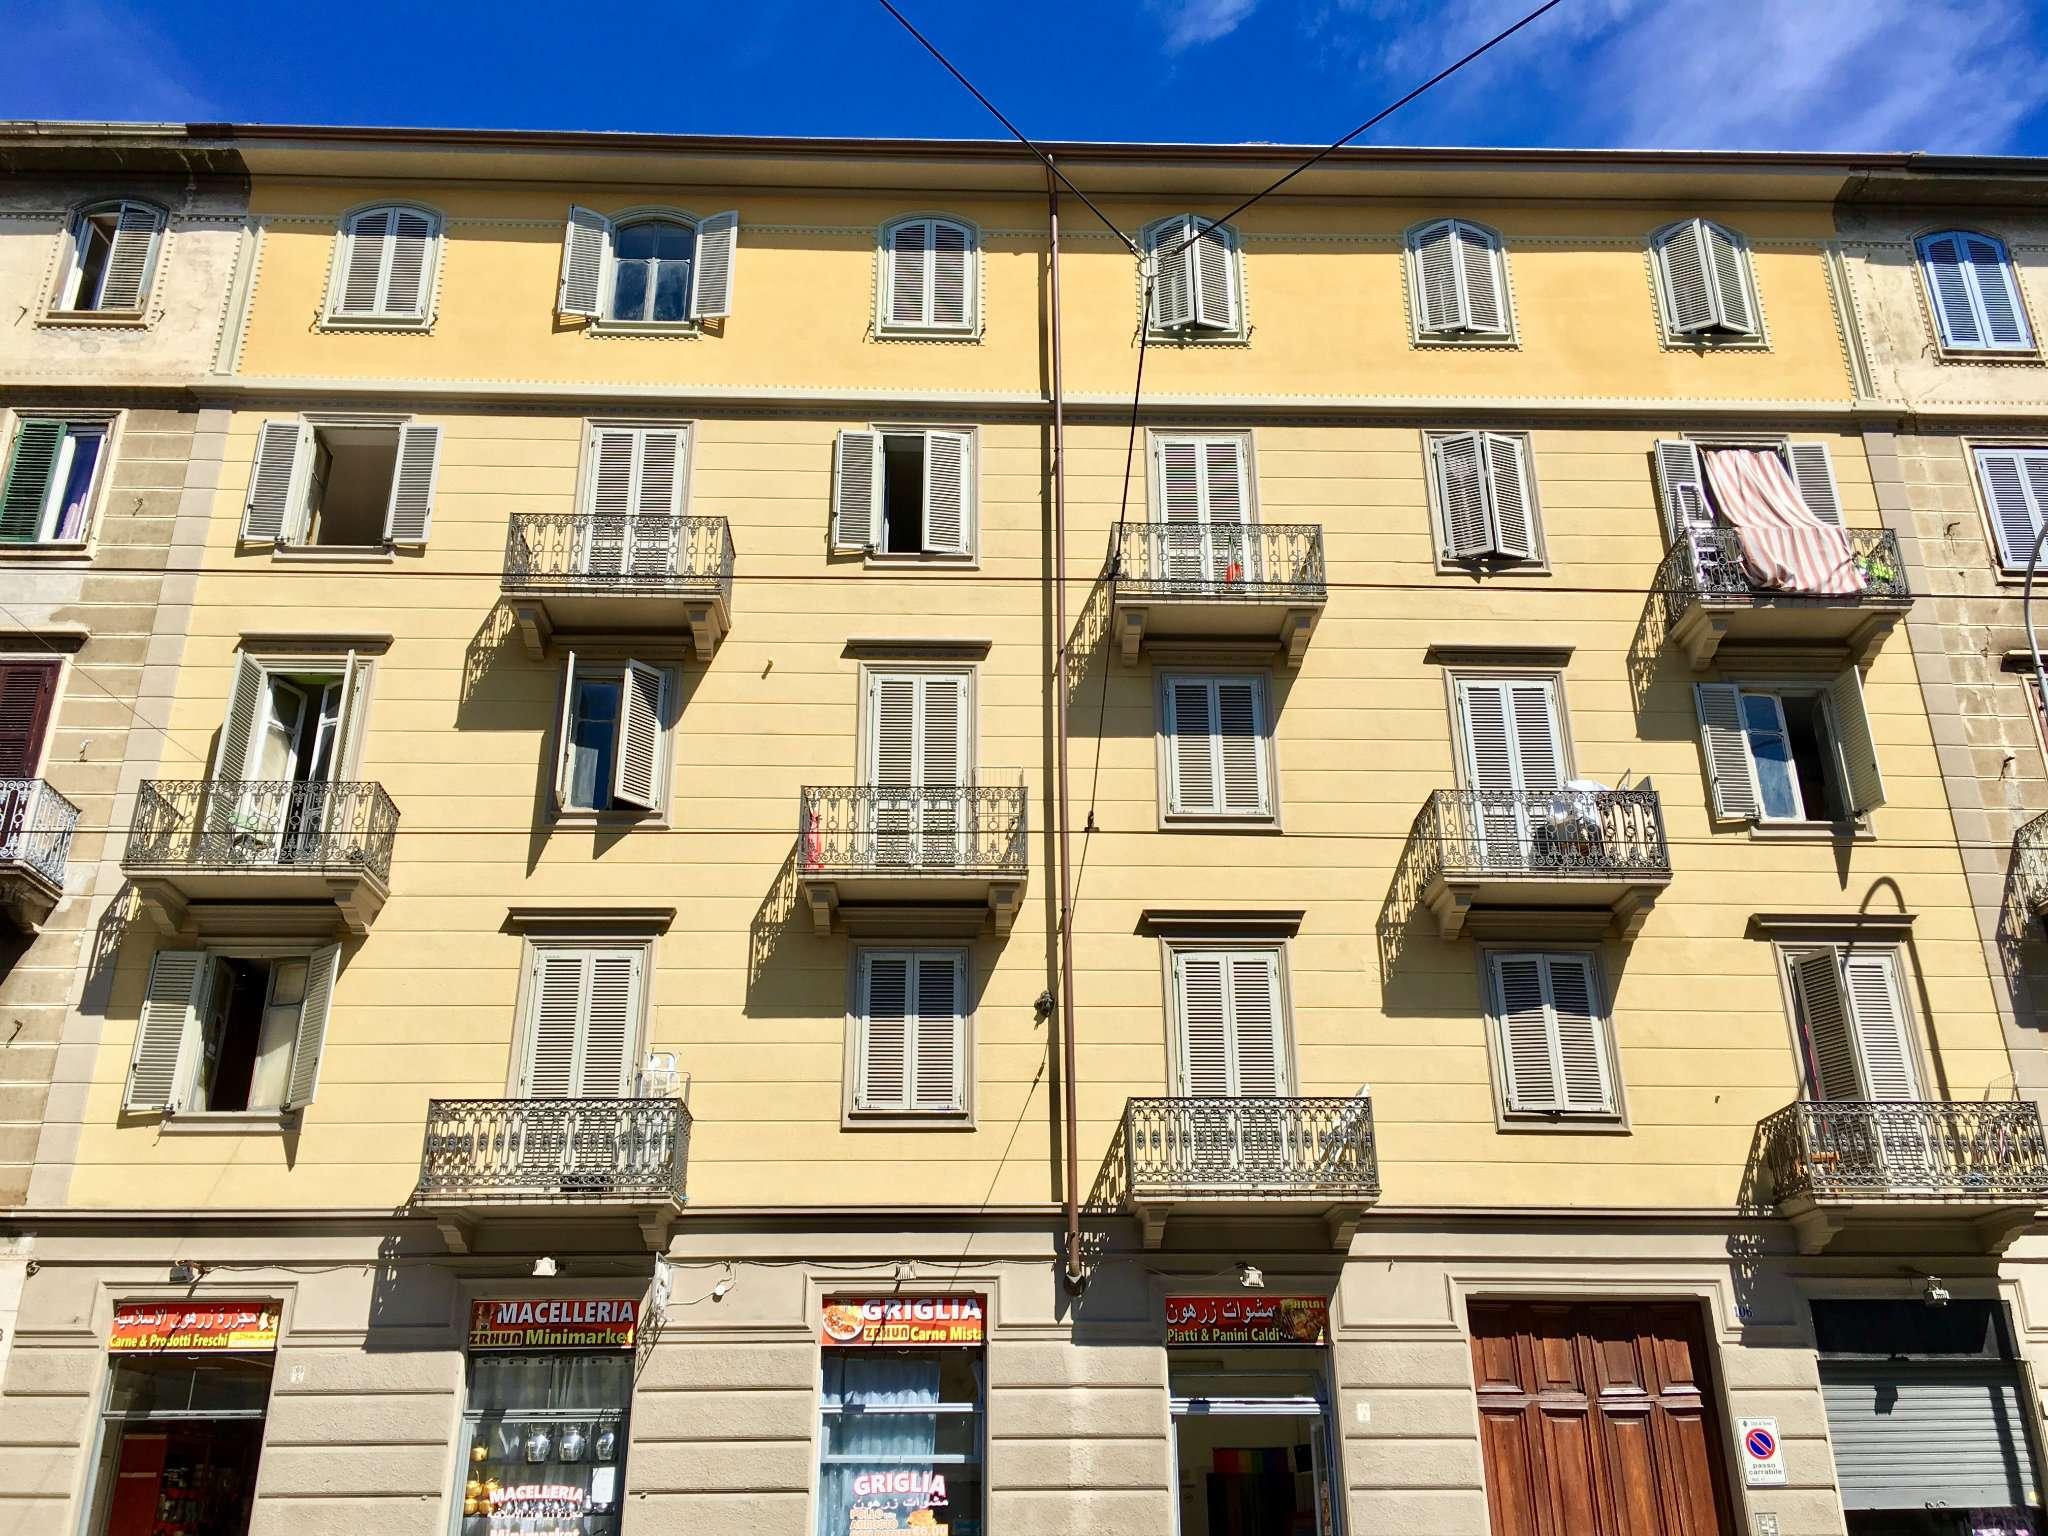 Palazzo / Stabile in vendita a Torino, 9999 locali, zona Zona: 10 . Aurora, Valdocco, prezzo € 780.000 | CambioCasa.it